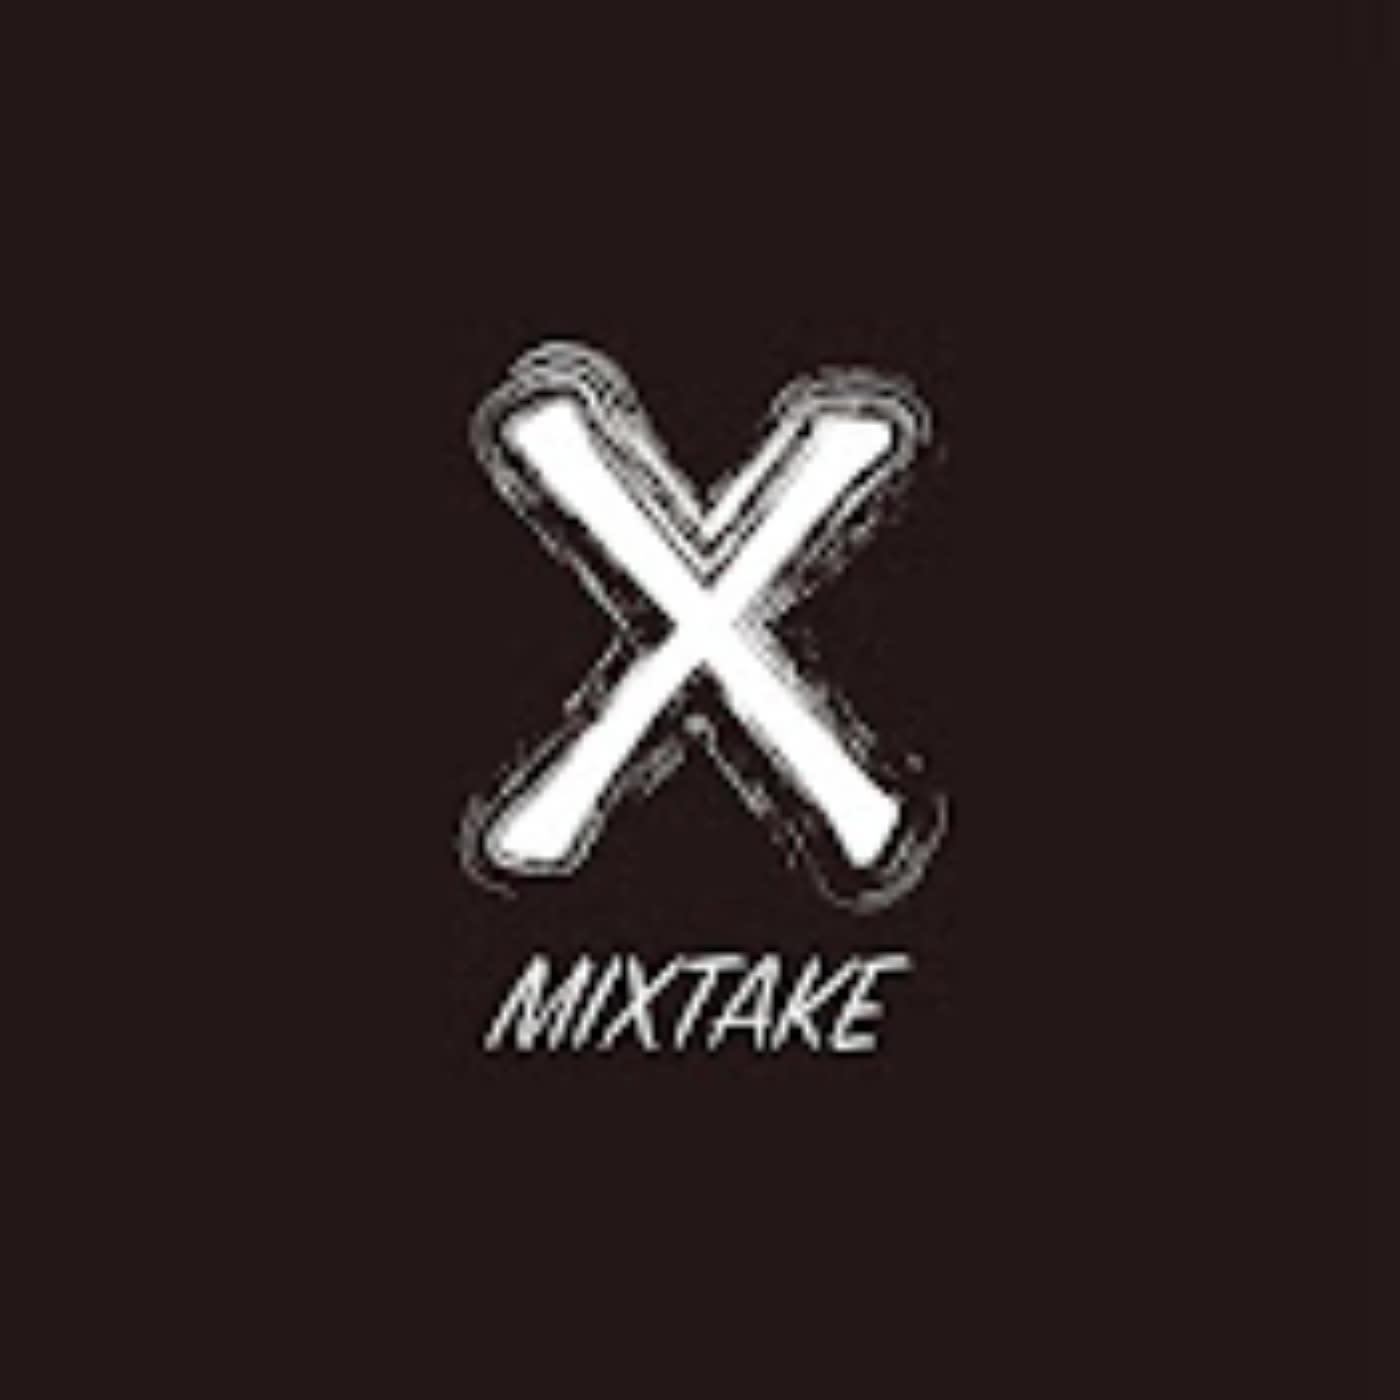 Mixtake Music